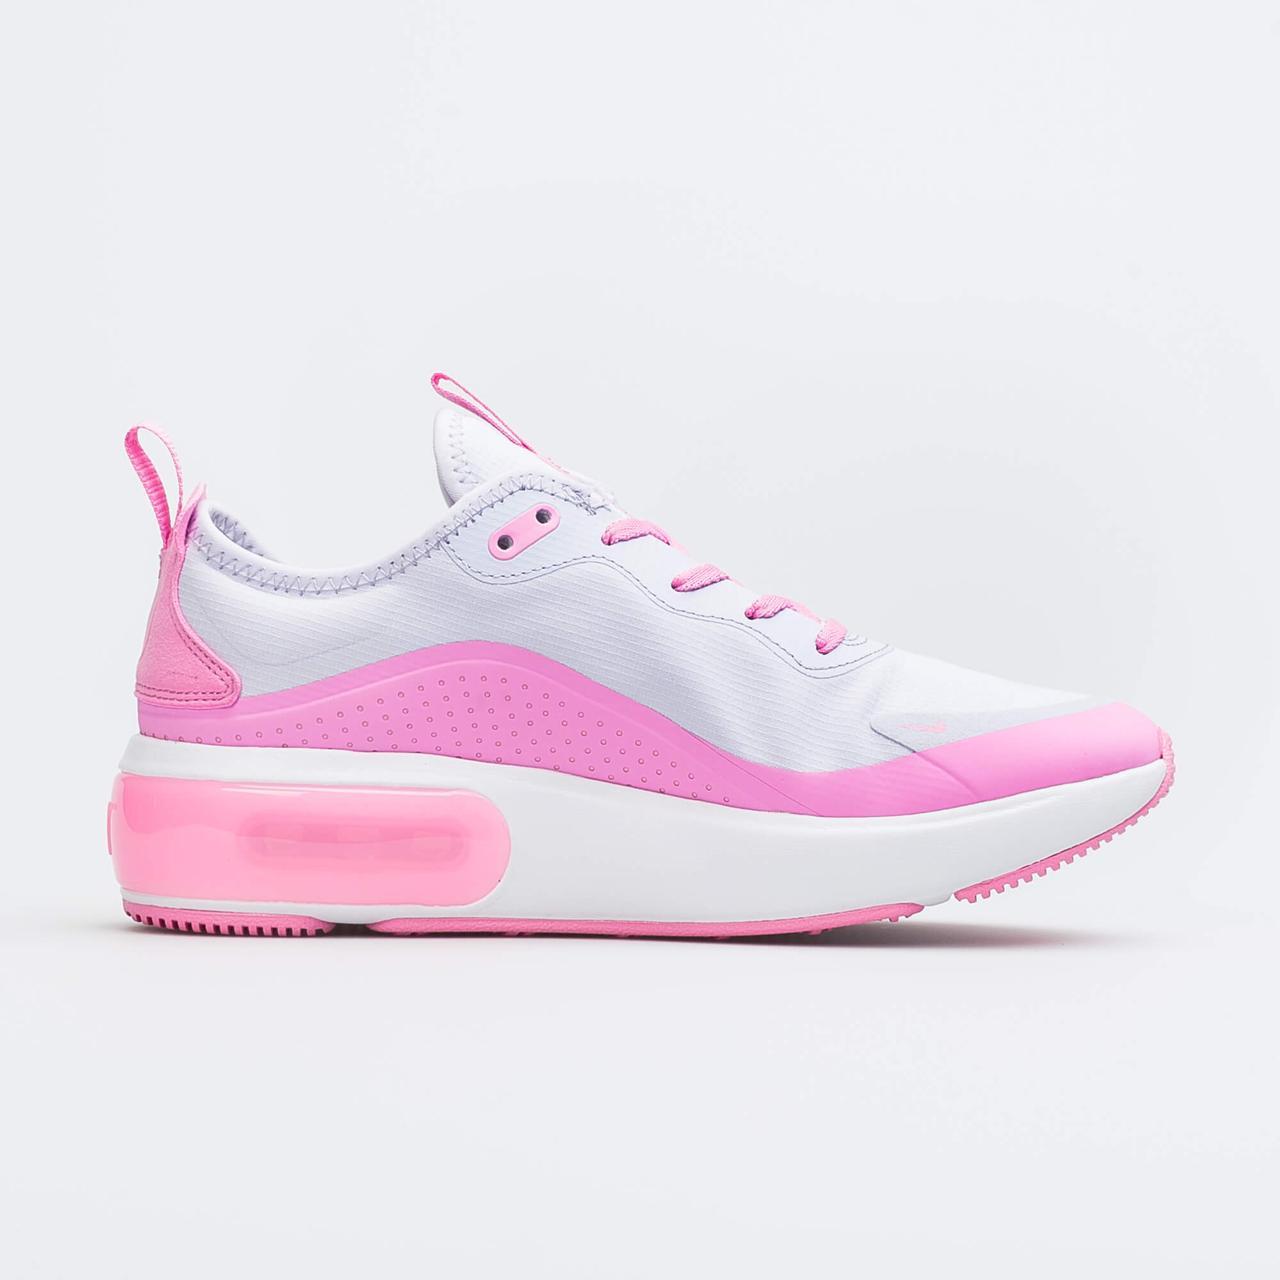 Кроссовки женские Nike Air Max DIA розовые (AQ4312-501)